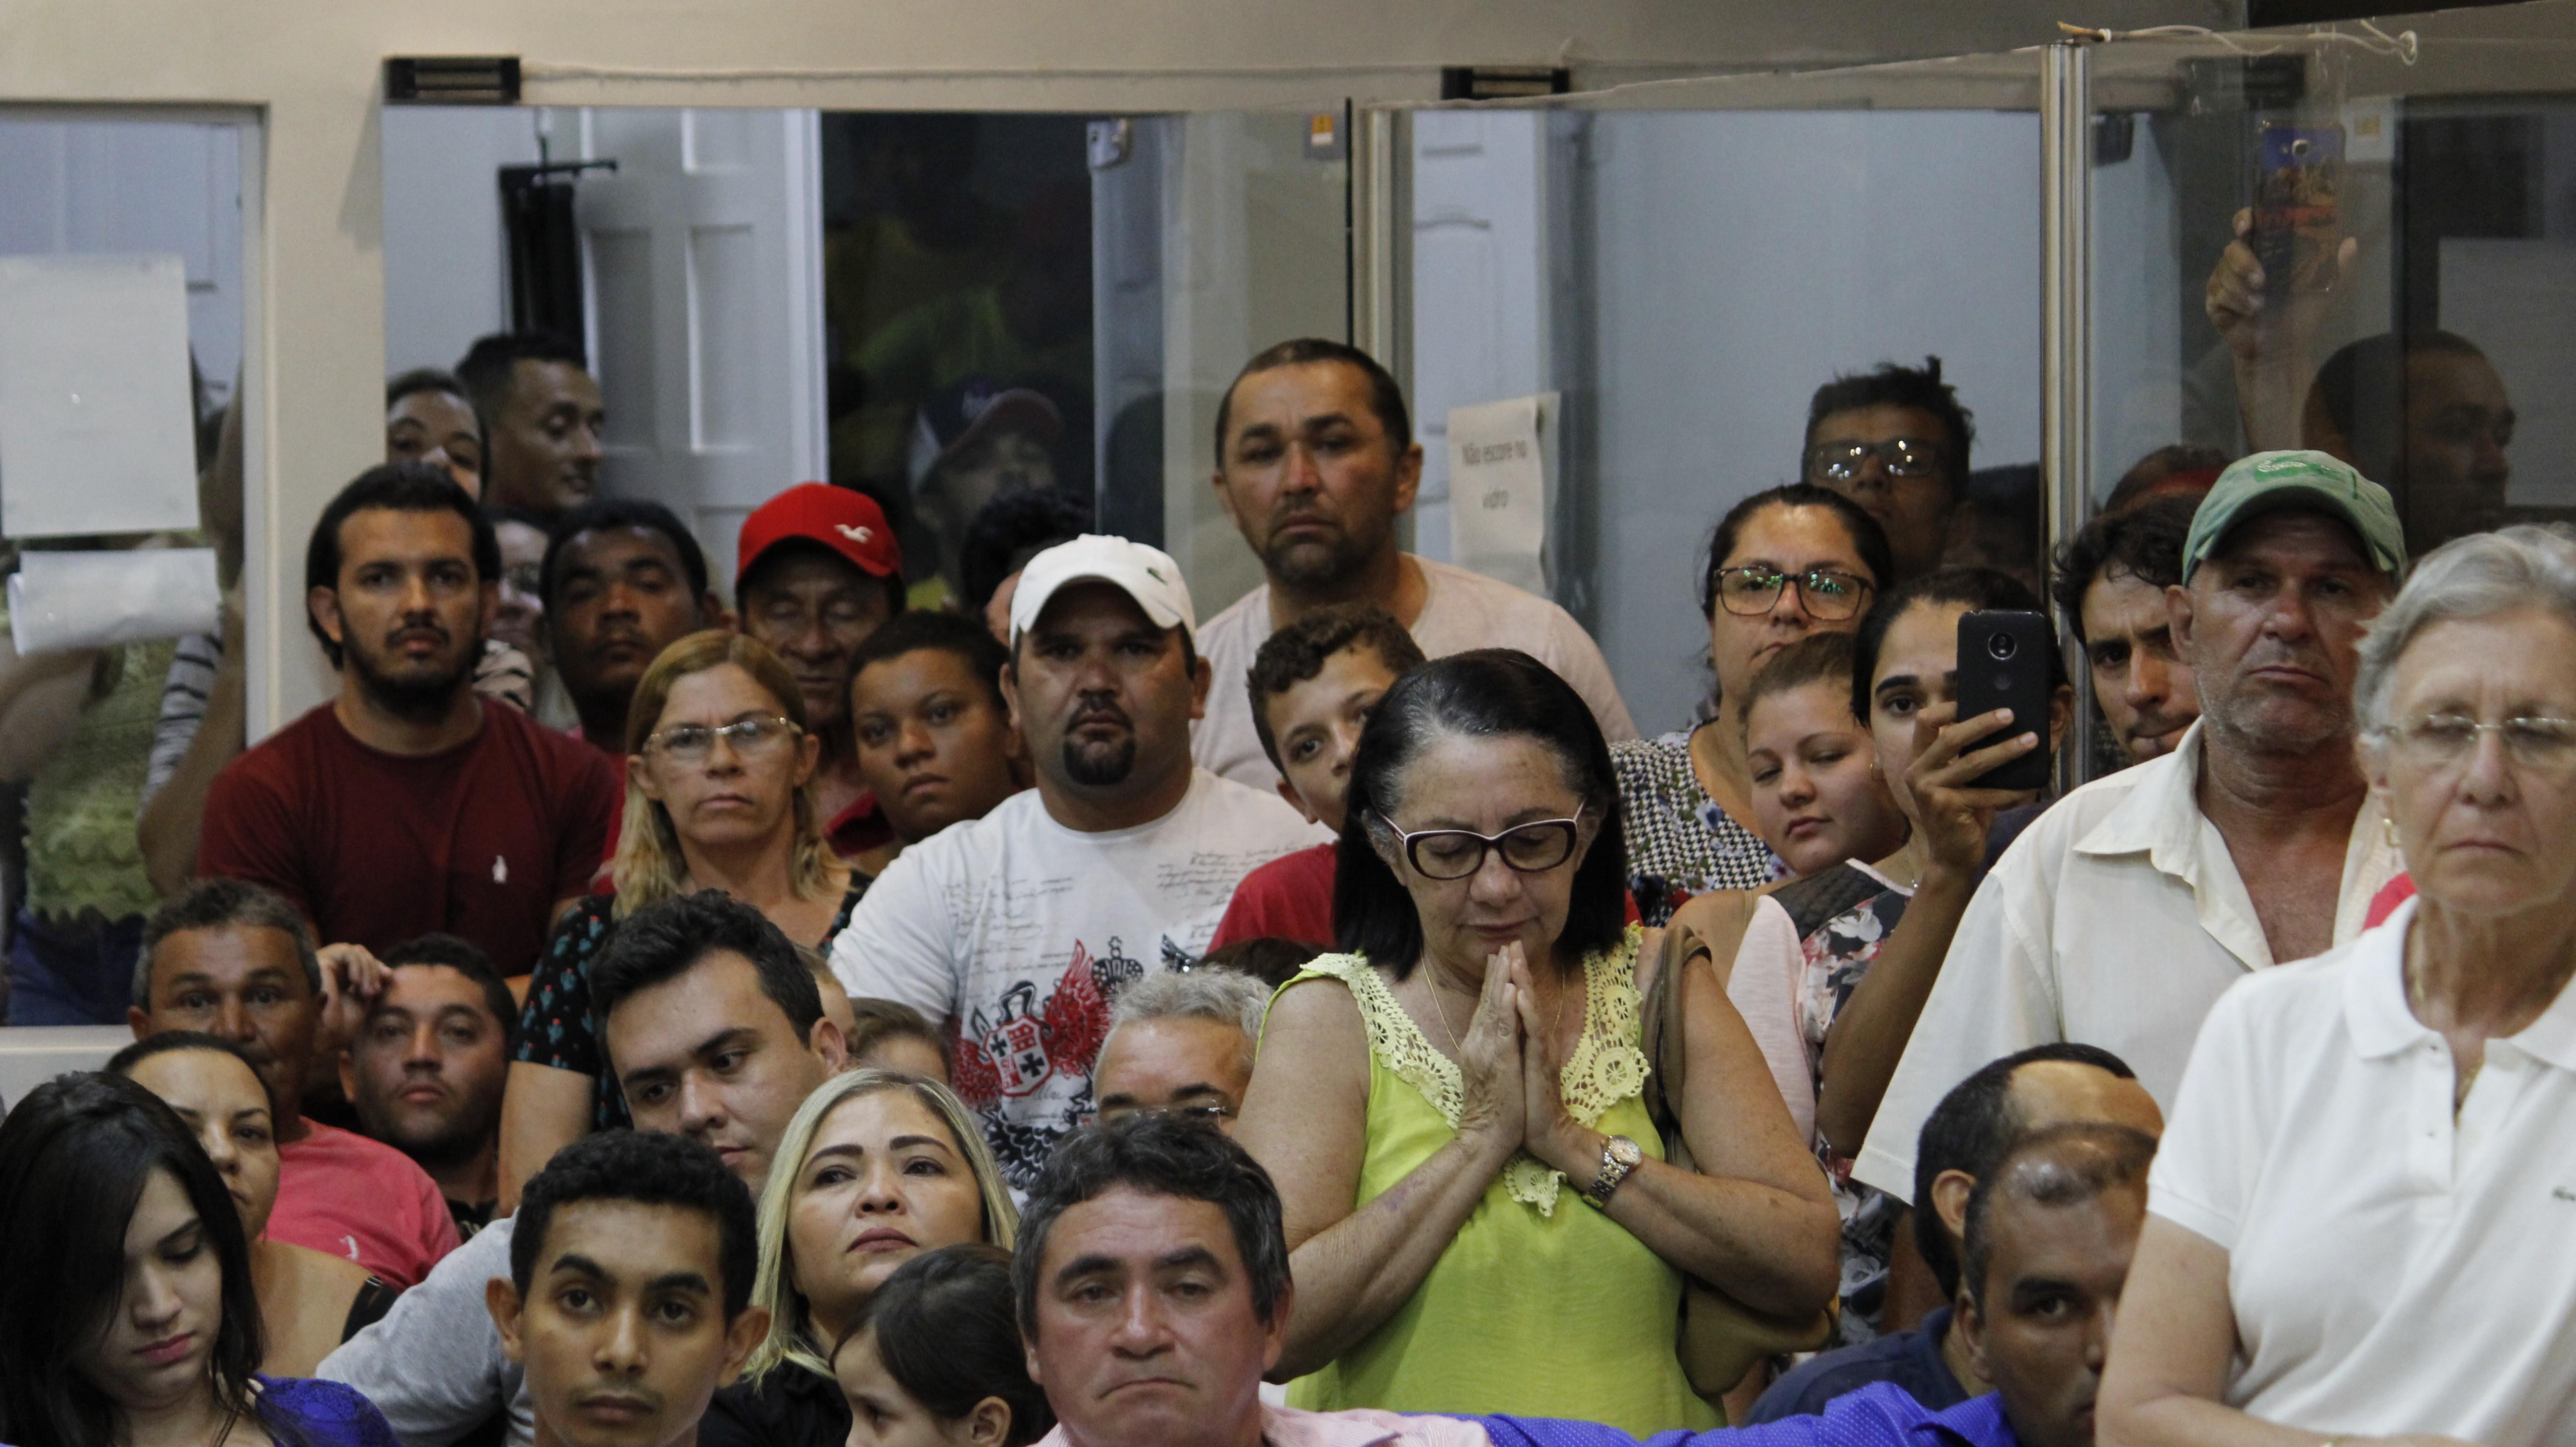 Após posse de seis suplentes, vereadores elegem nova mesa diretora na Câmara de Santa Cruz, RN - Noticias